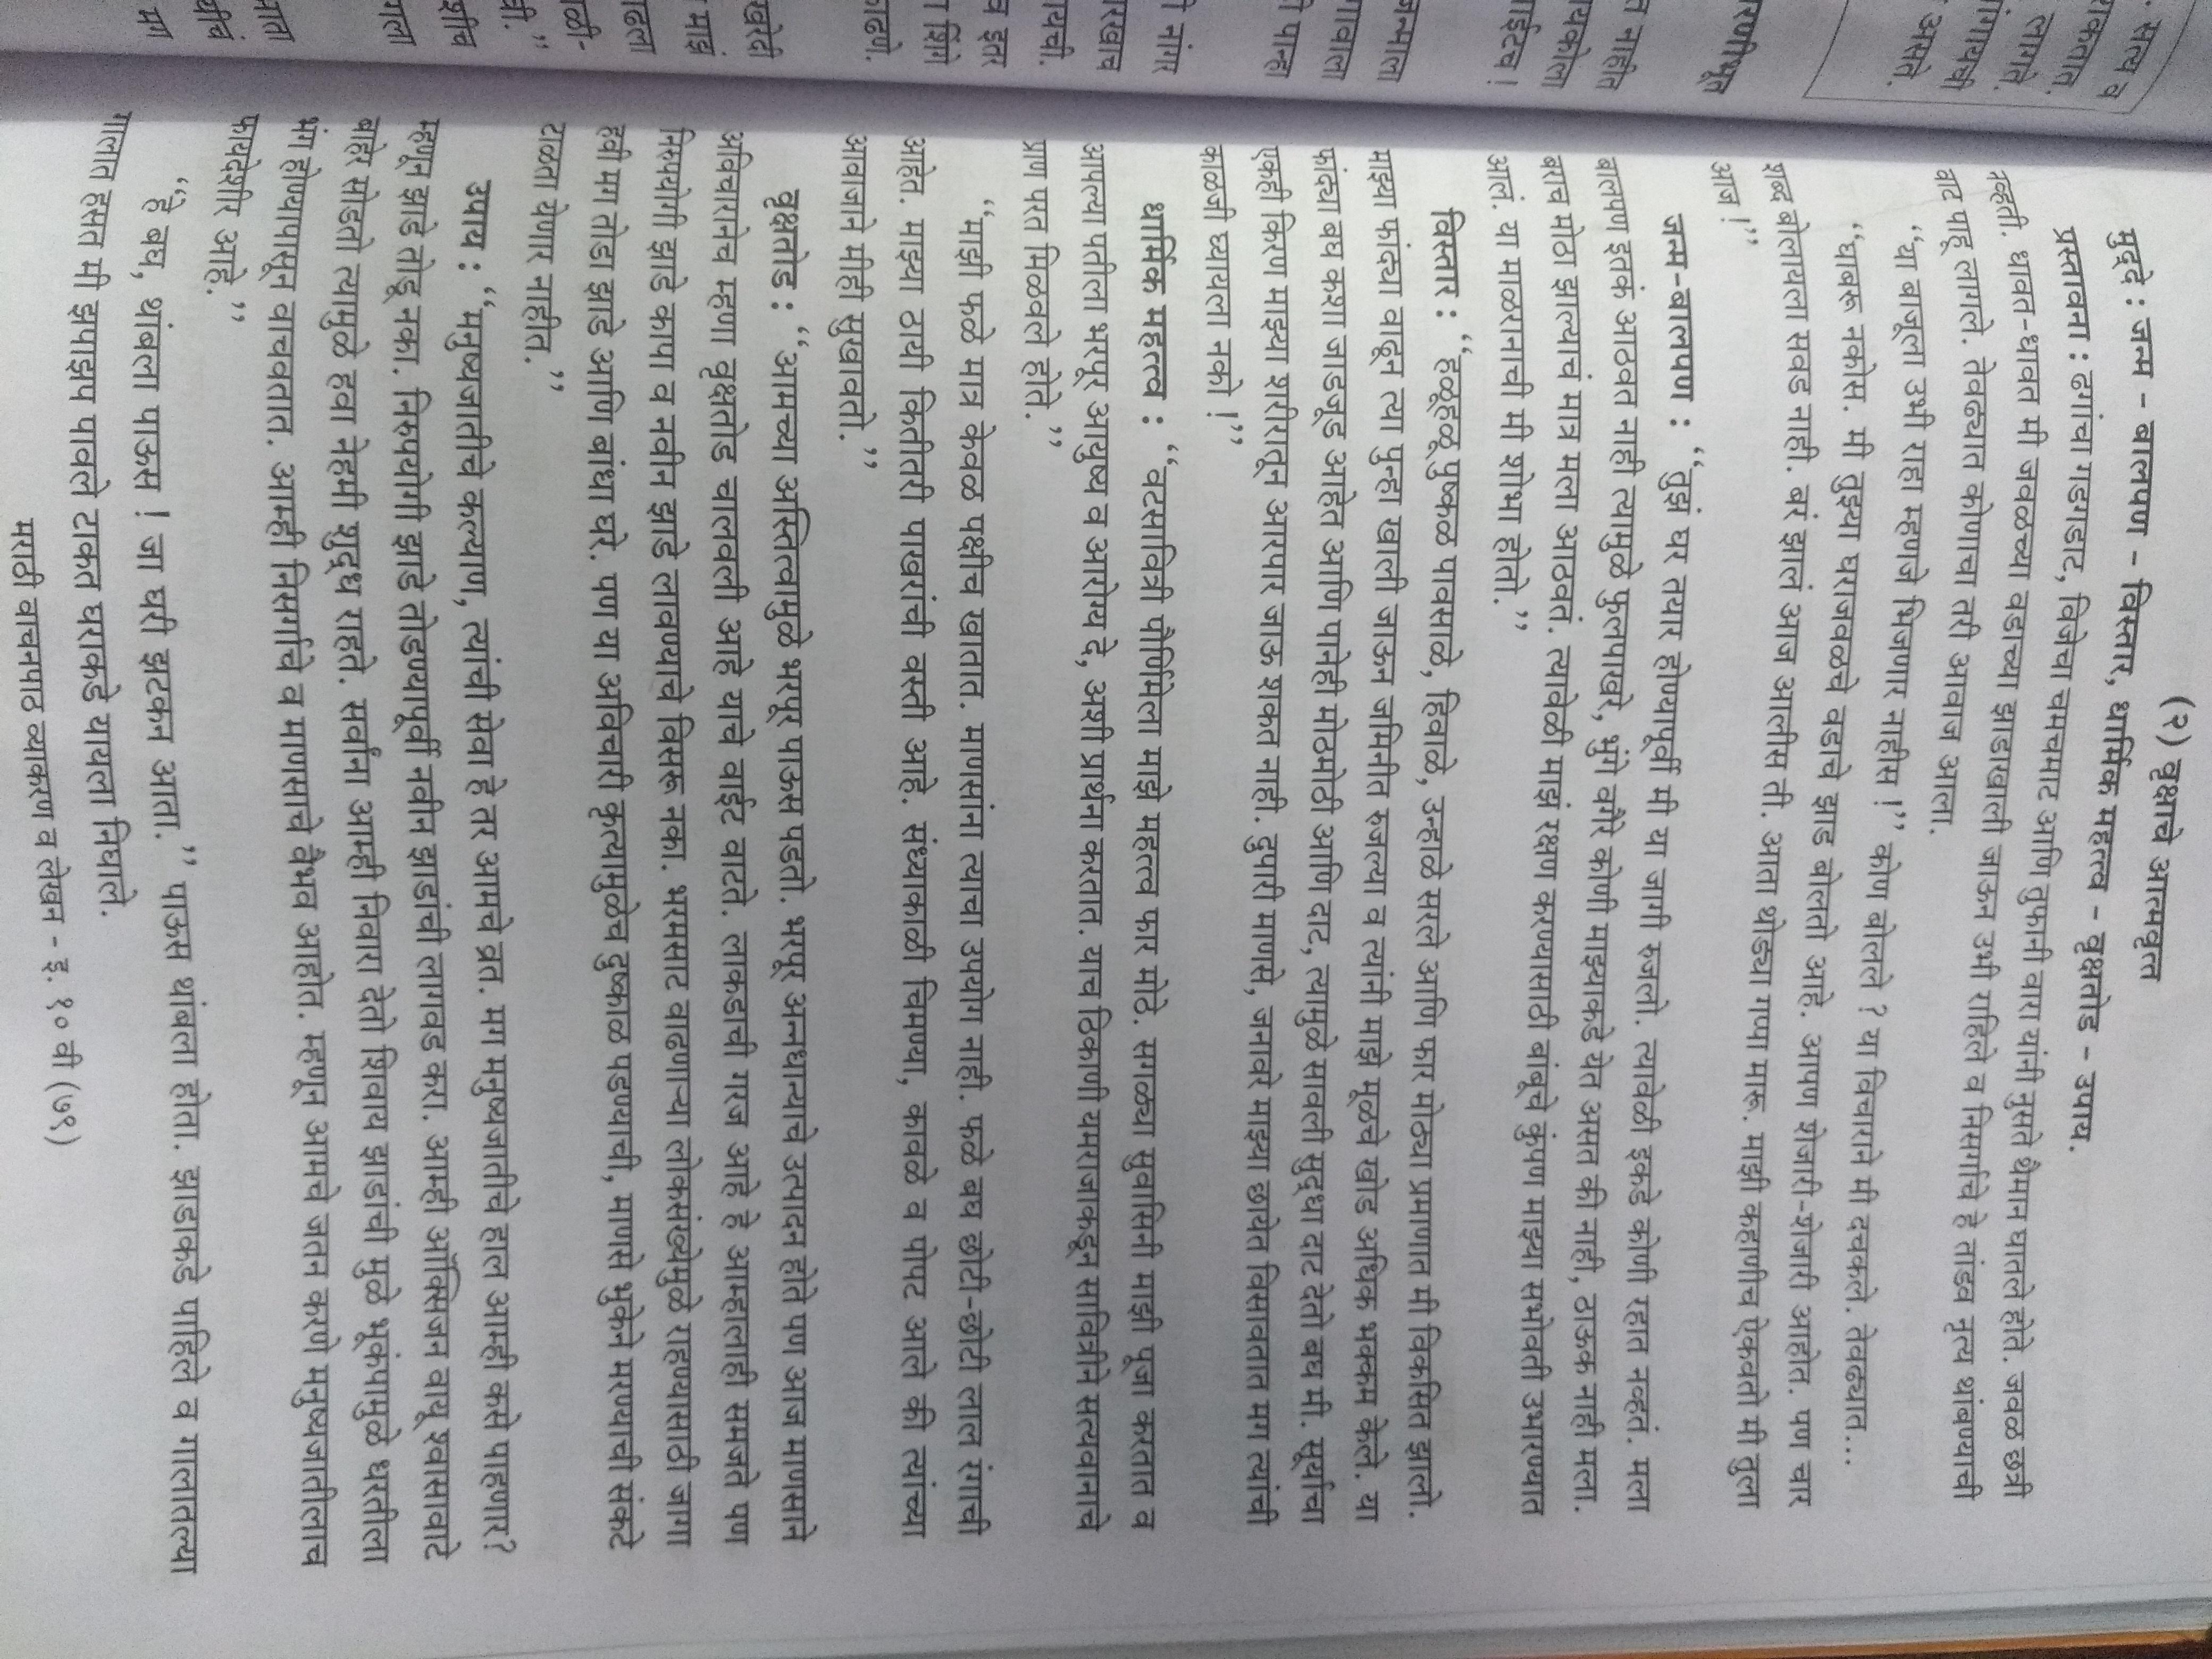 agrument essay